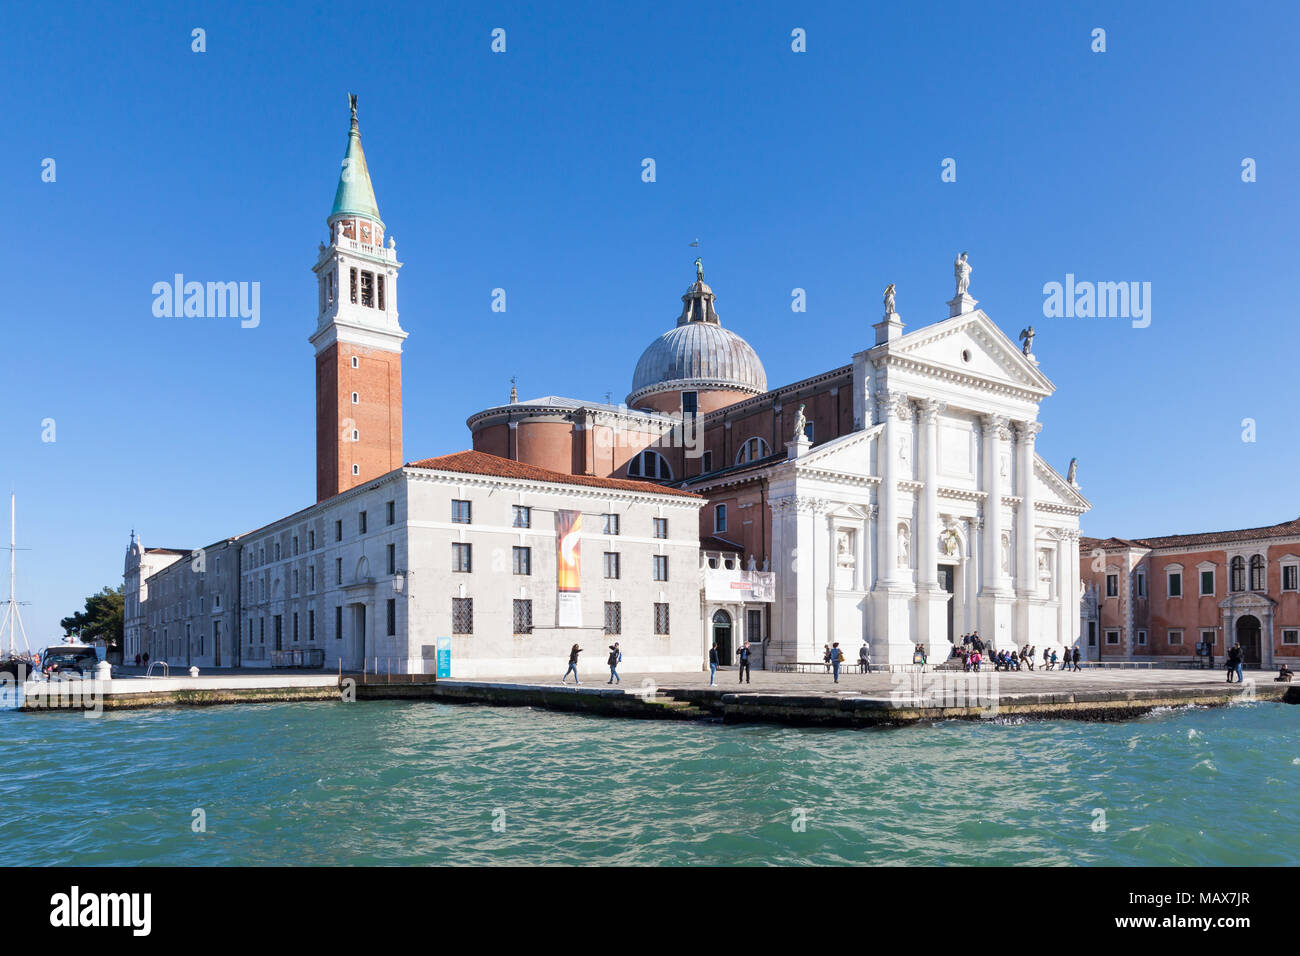 Isola di San Giorgio Maggiore from Basino San Marco and the  Giudecca Canal, Venice, Veneto, Italy on a blue sky sunny day. Designed by Palladio - Stock Image